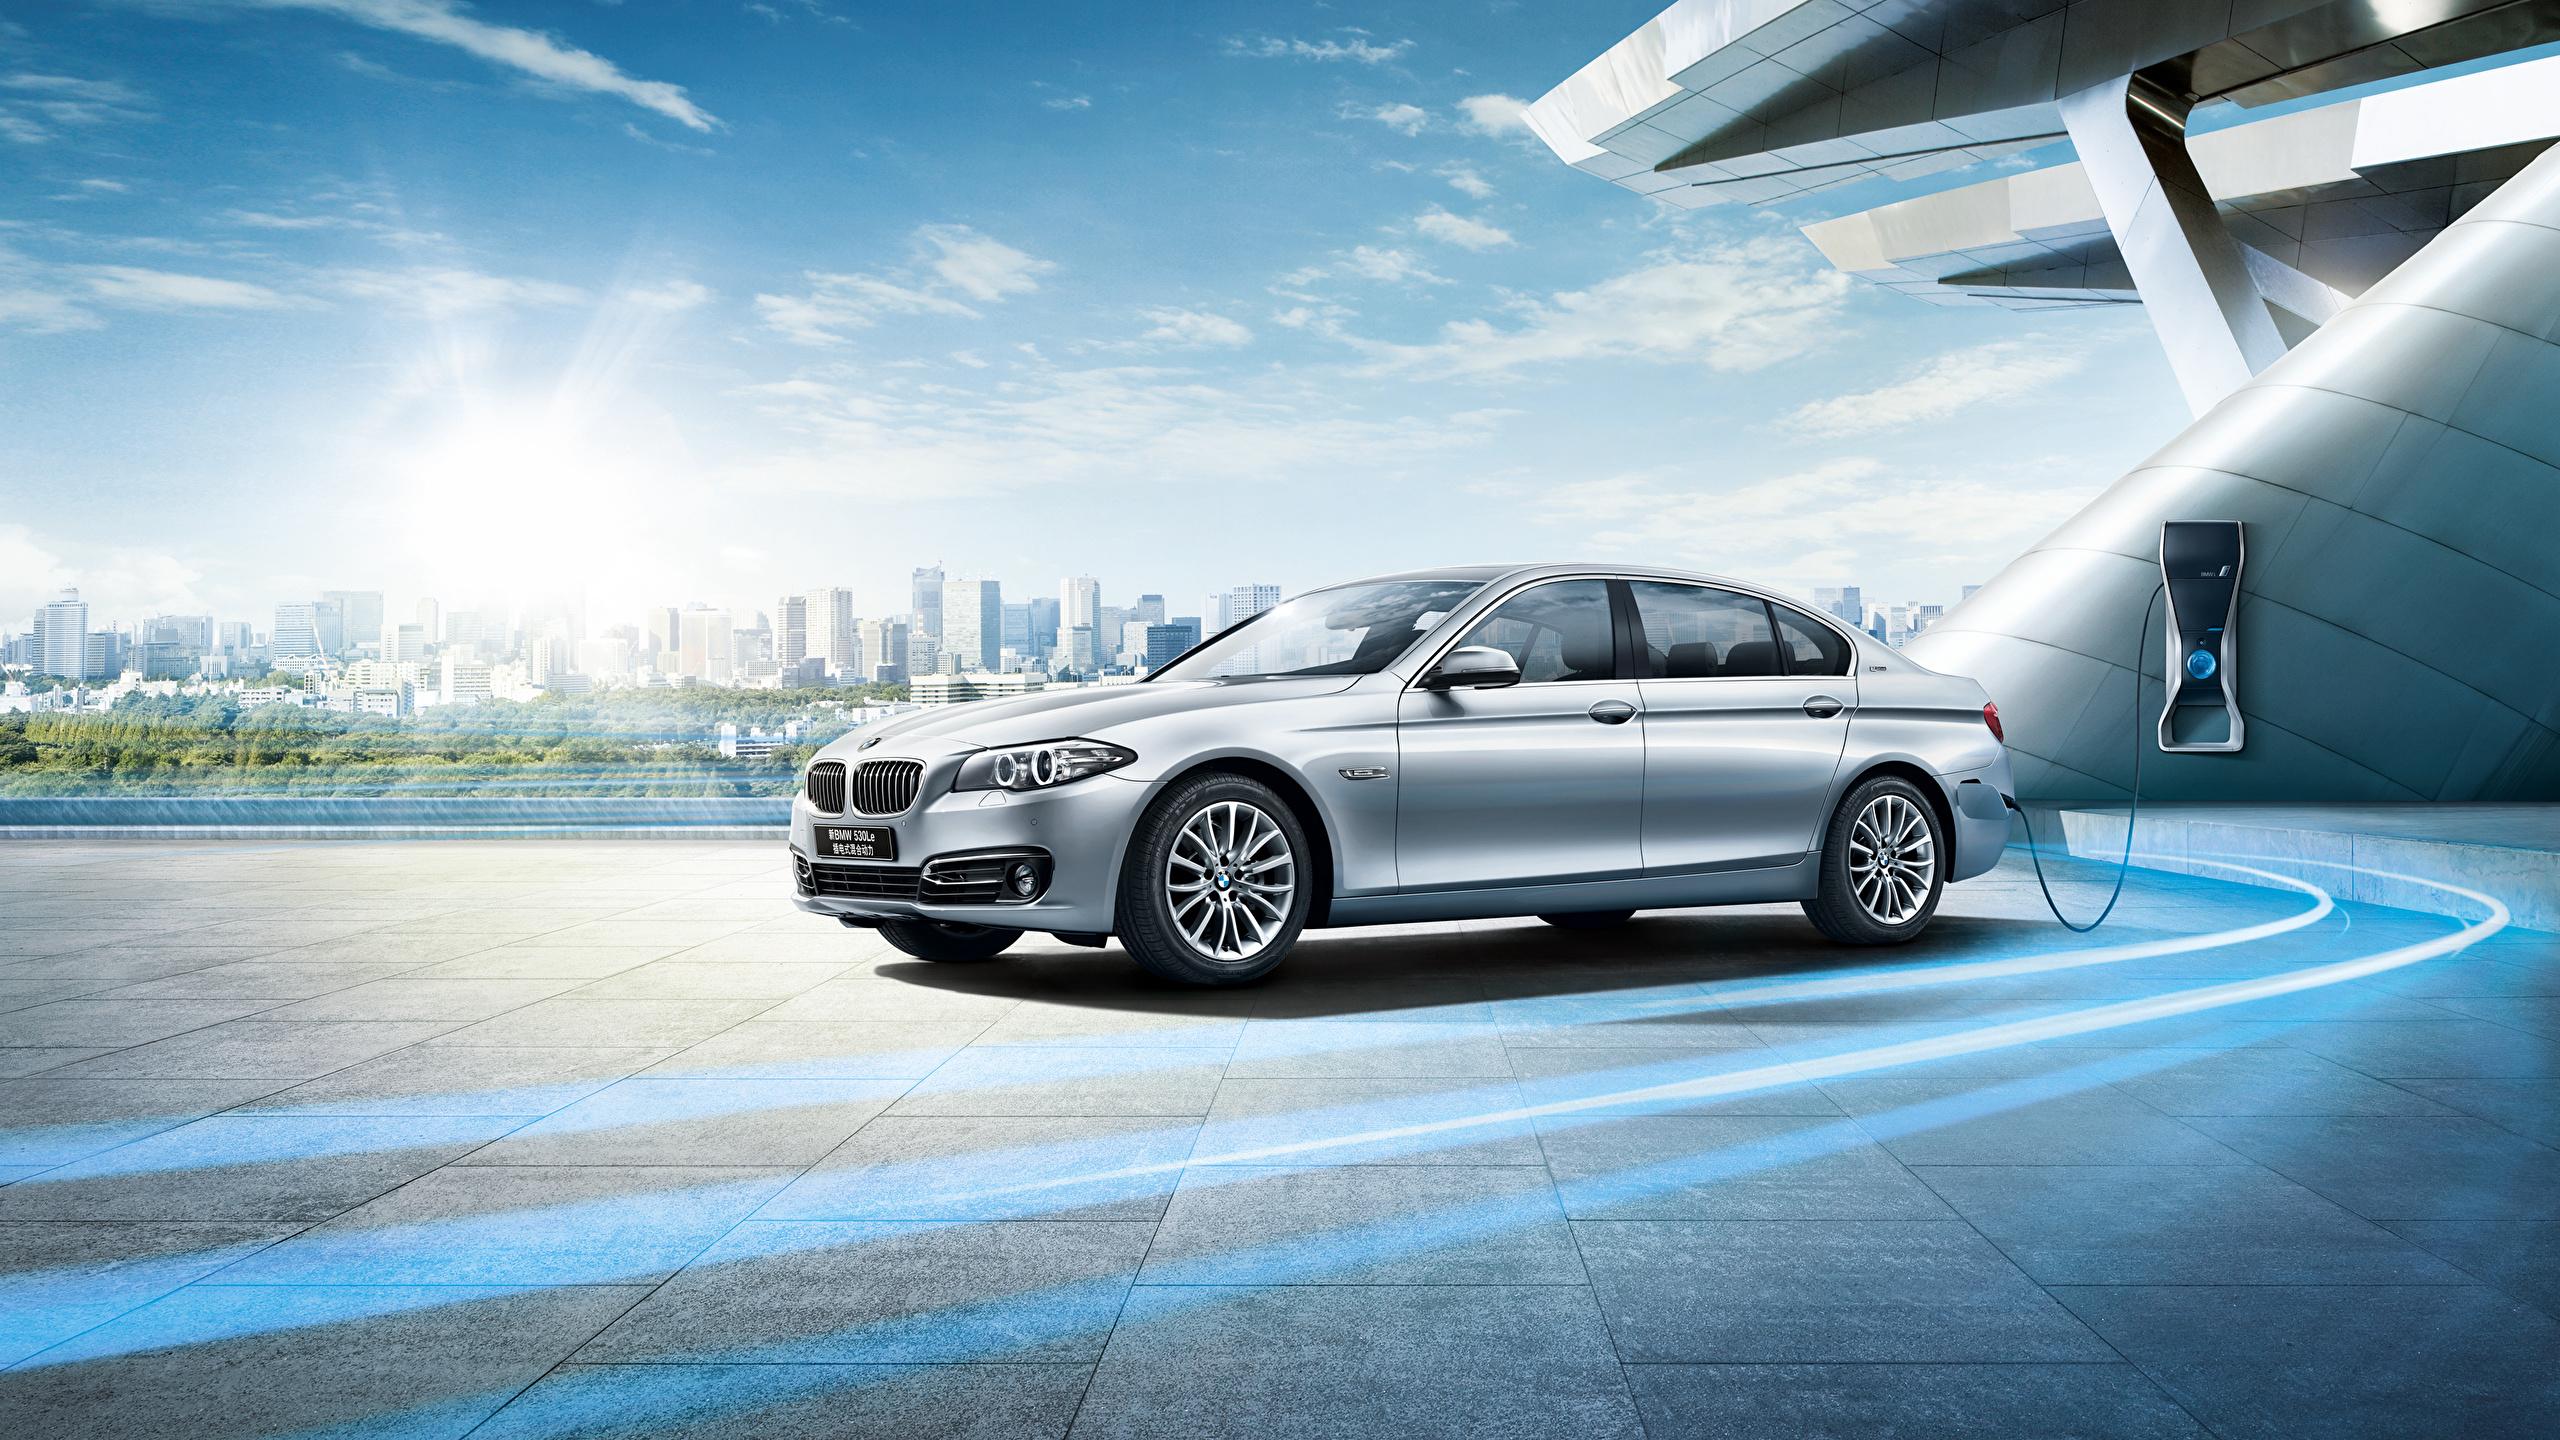 Картинки BMW F18 Седан Автомобили 2560x1440 БМВ авто машины машина автомобиль